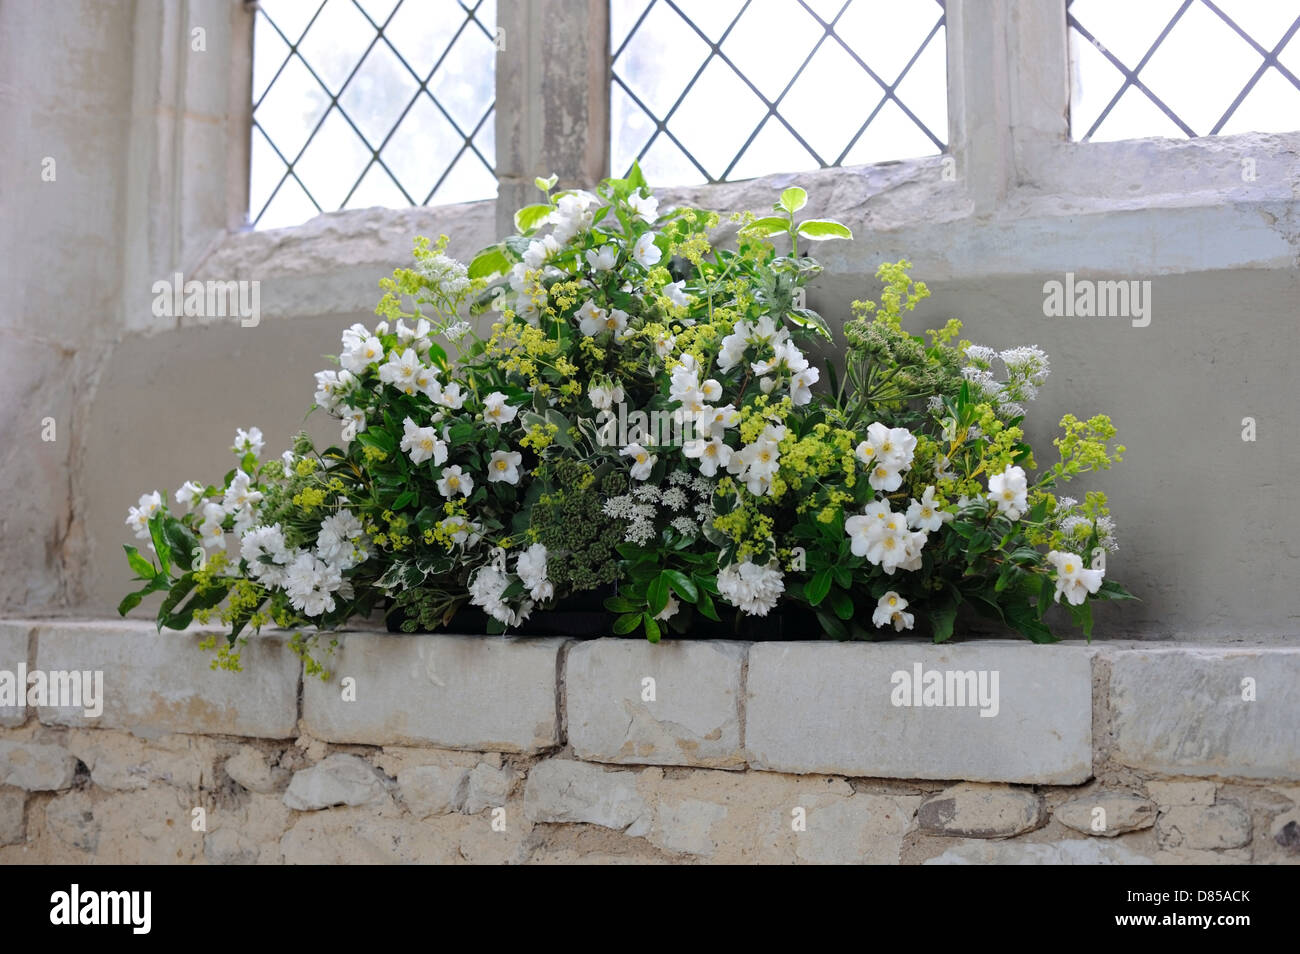 Blumen Schmucken Eine Kirche Fur Eine Hochzeit Stockfoto Bild